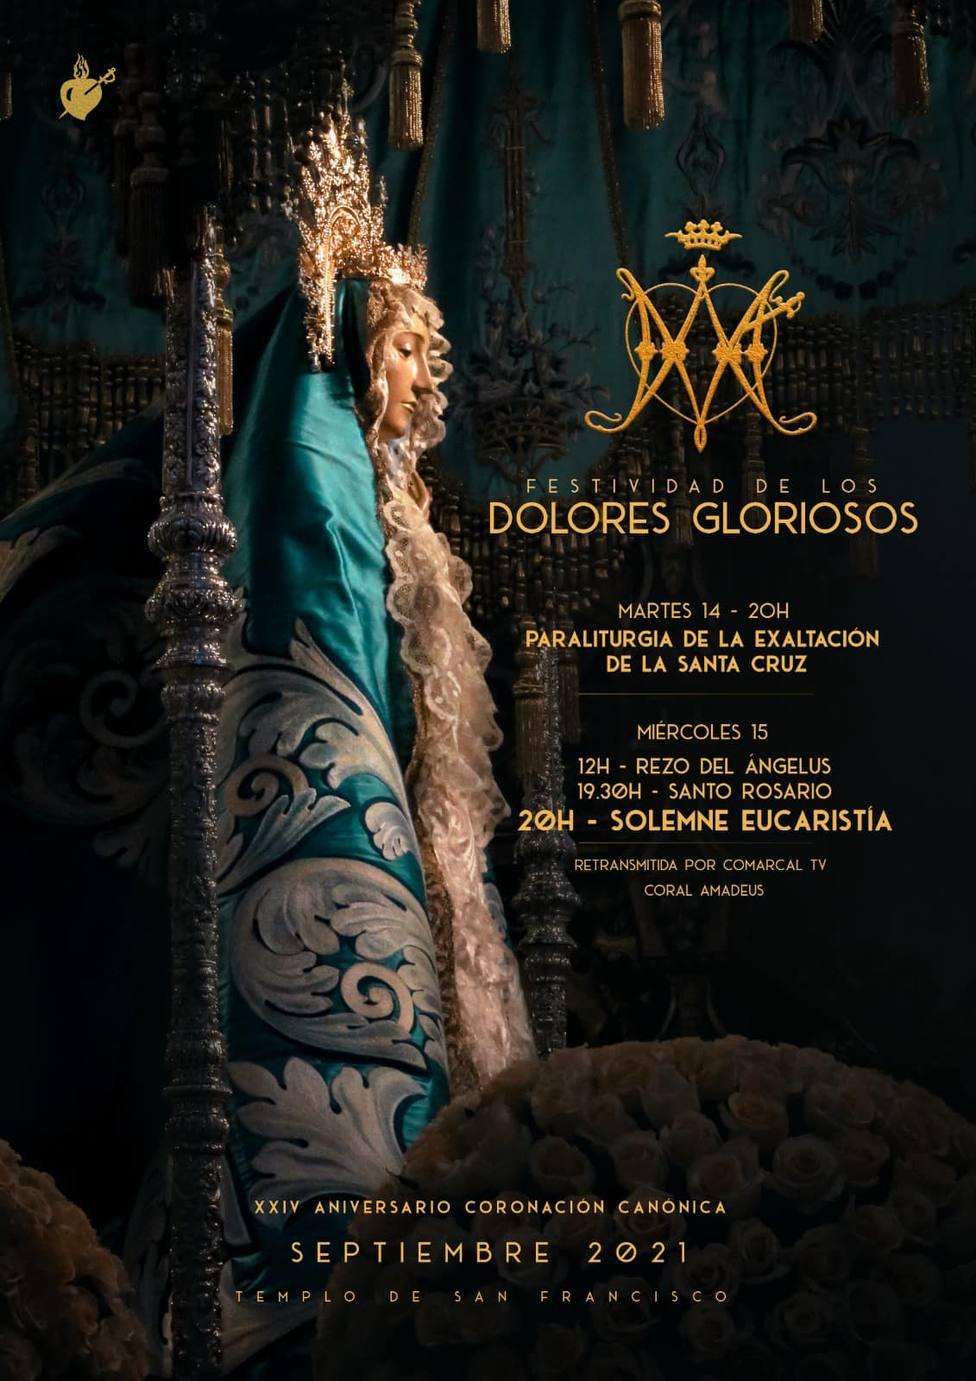 El Paso Azul conmemora la festividad de los Dolores Gloriosos